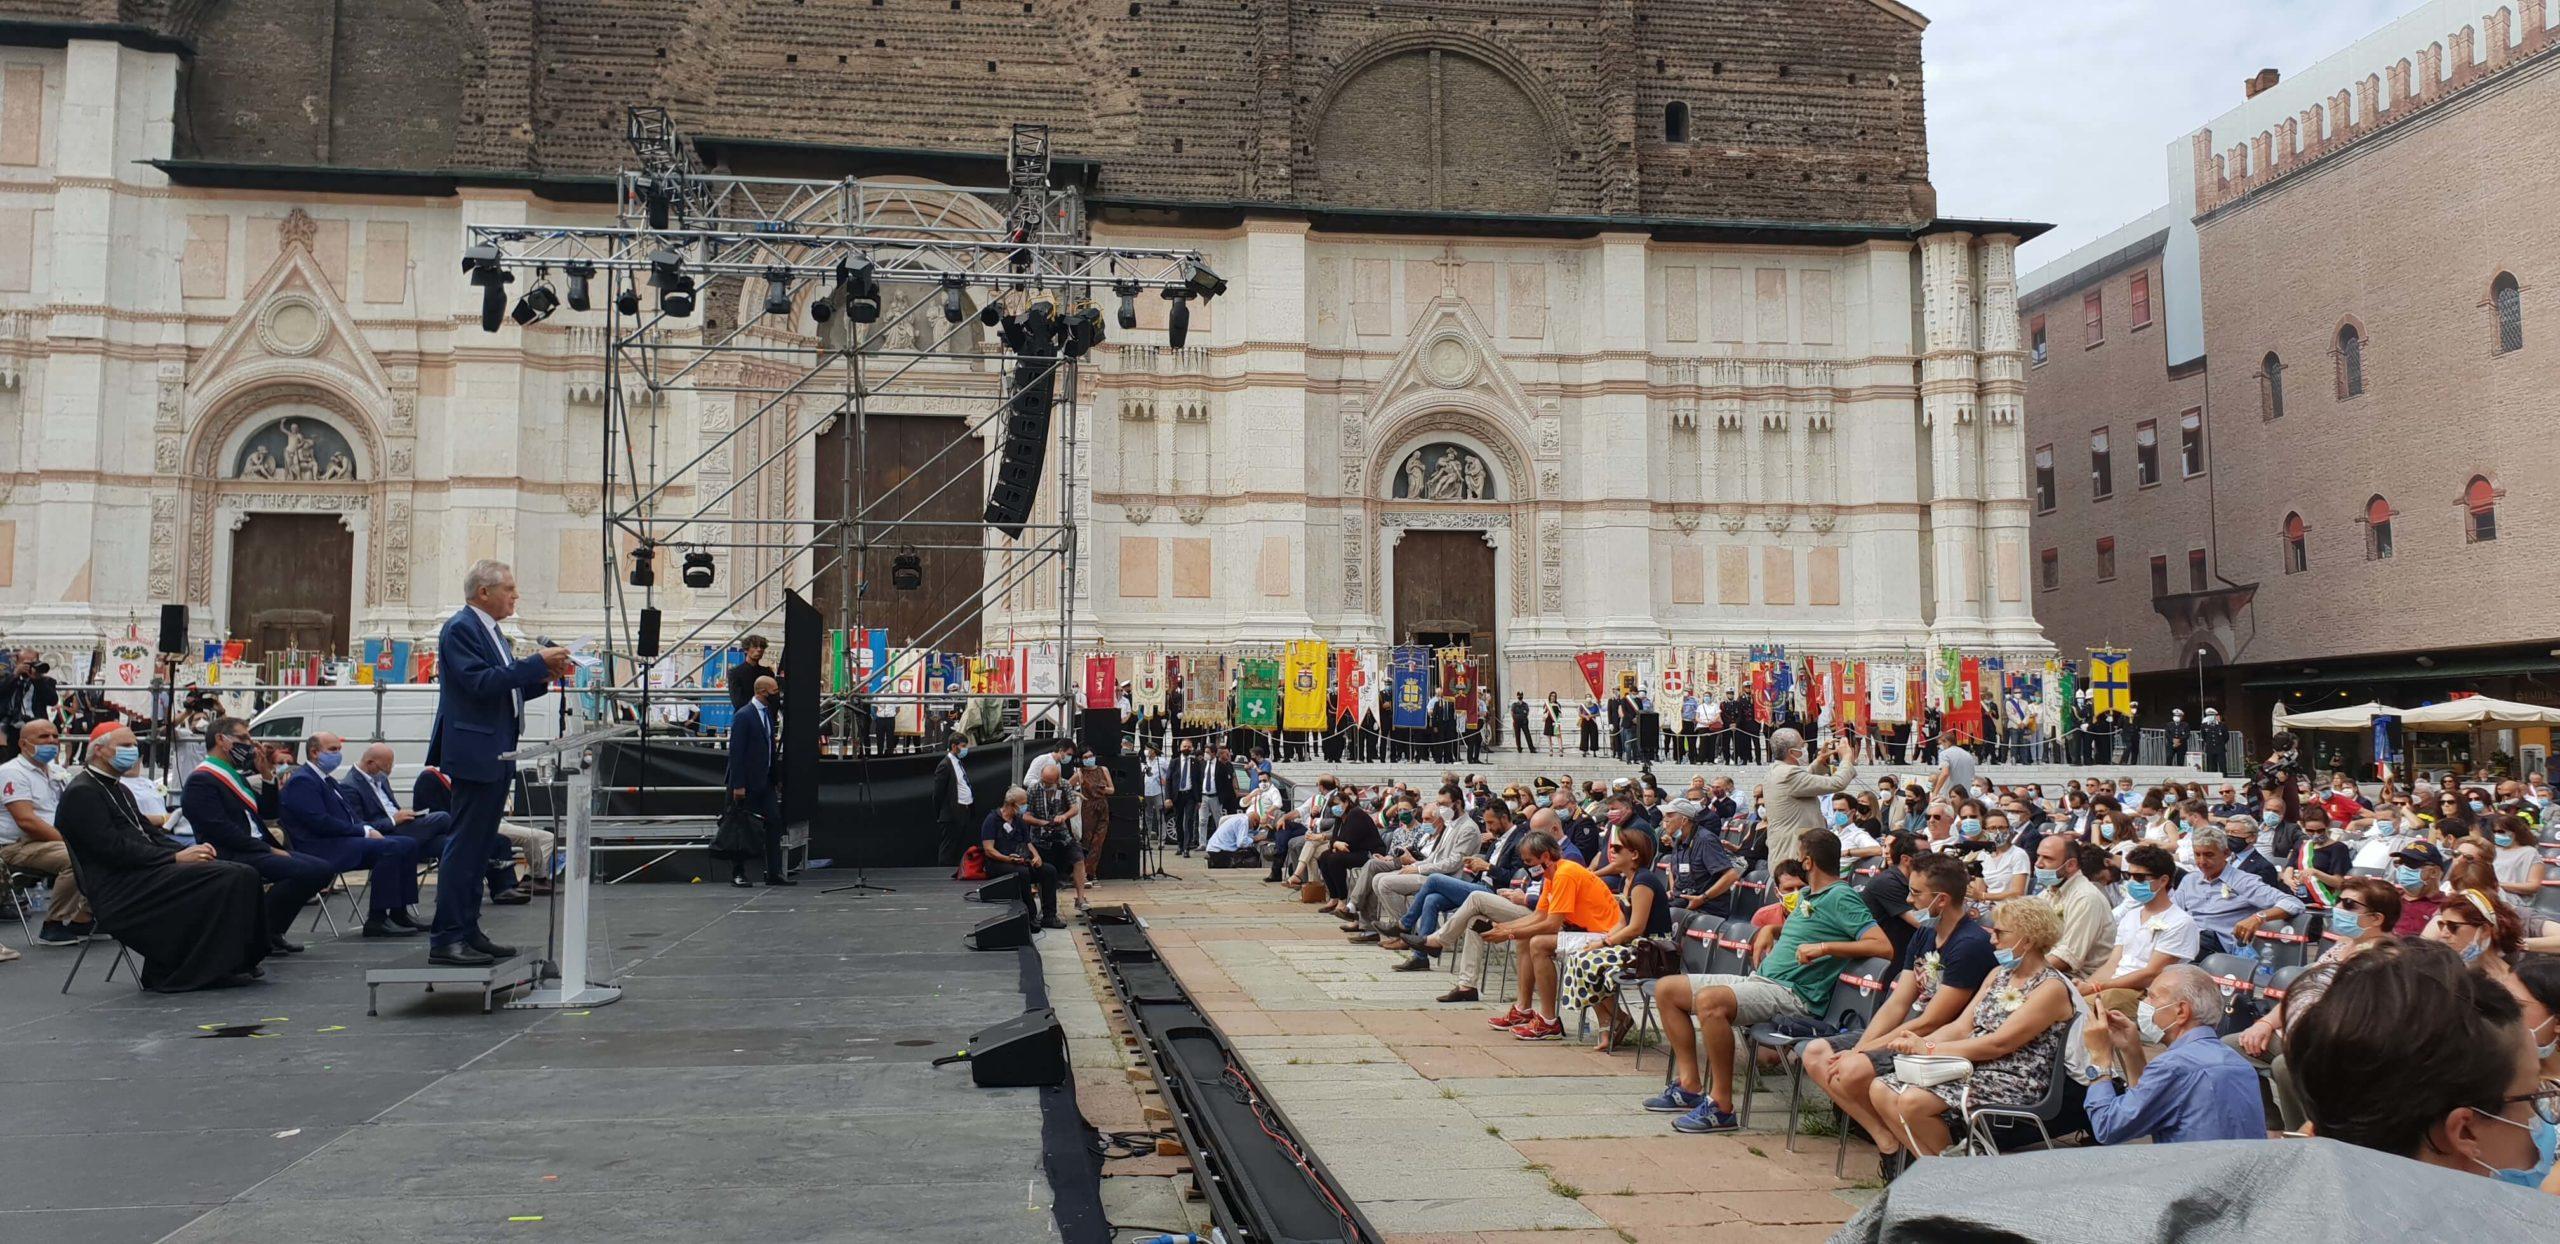 bolognesi 2 agosto 2020_piazza maggiore_strage bologna